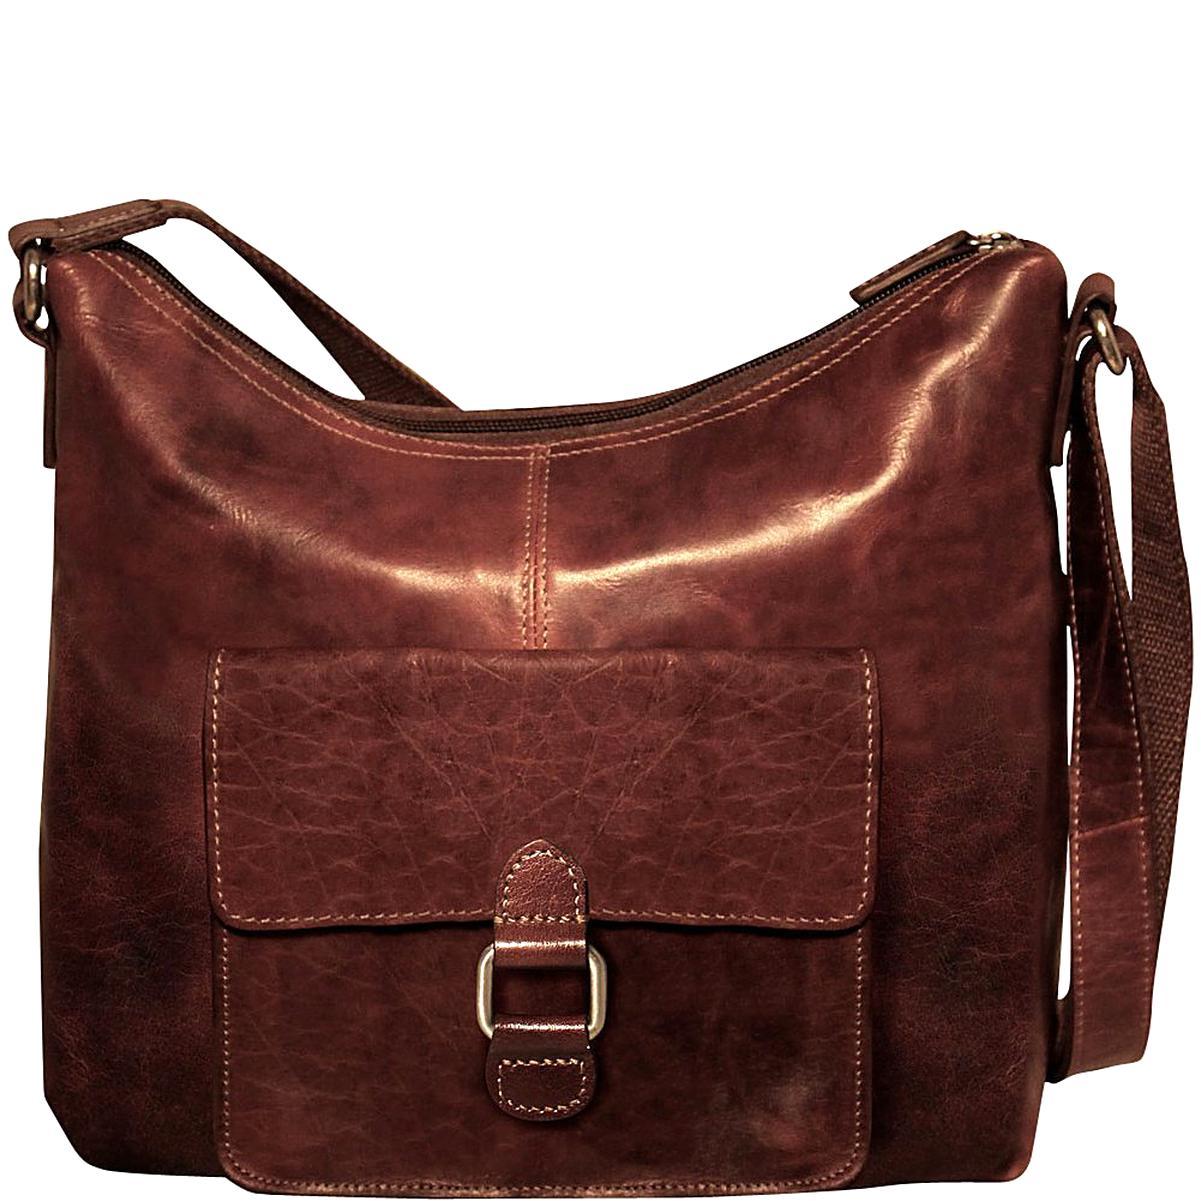 jack georges bag for sale